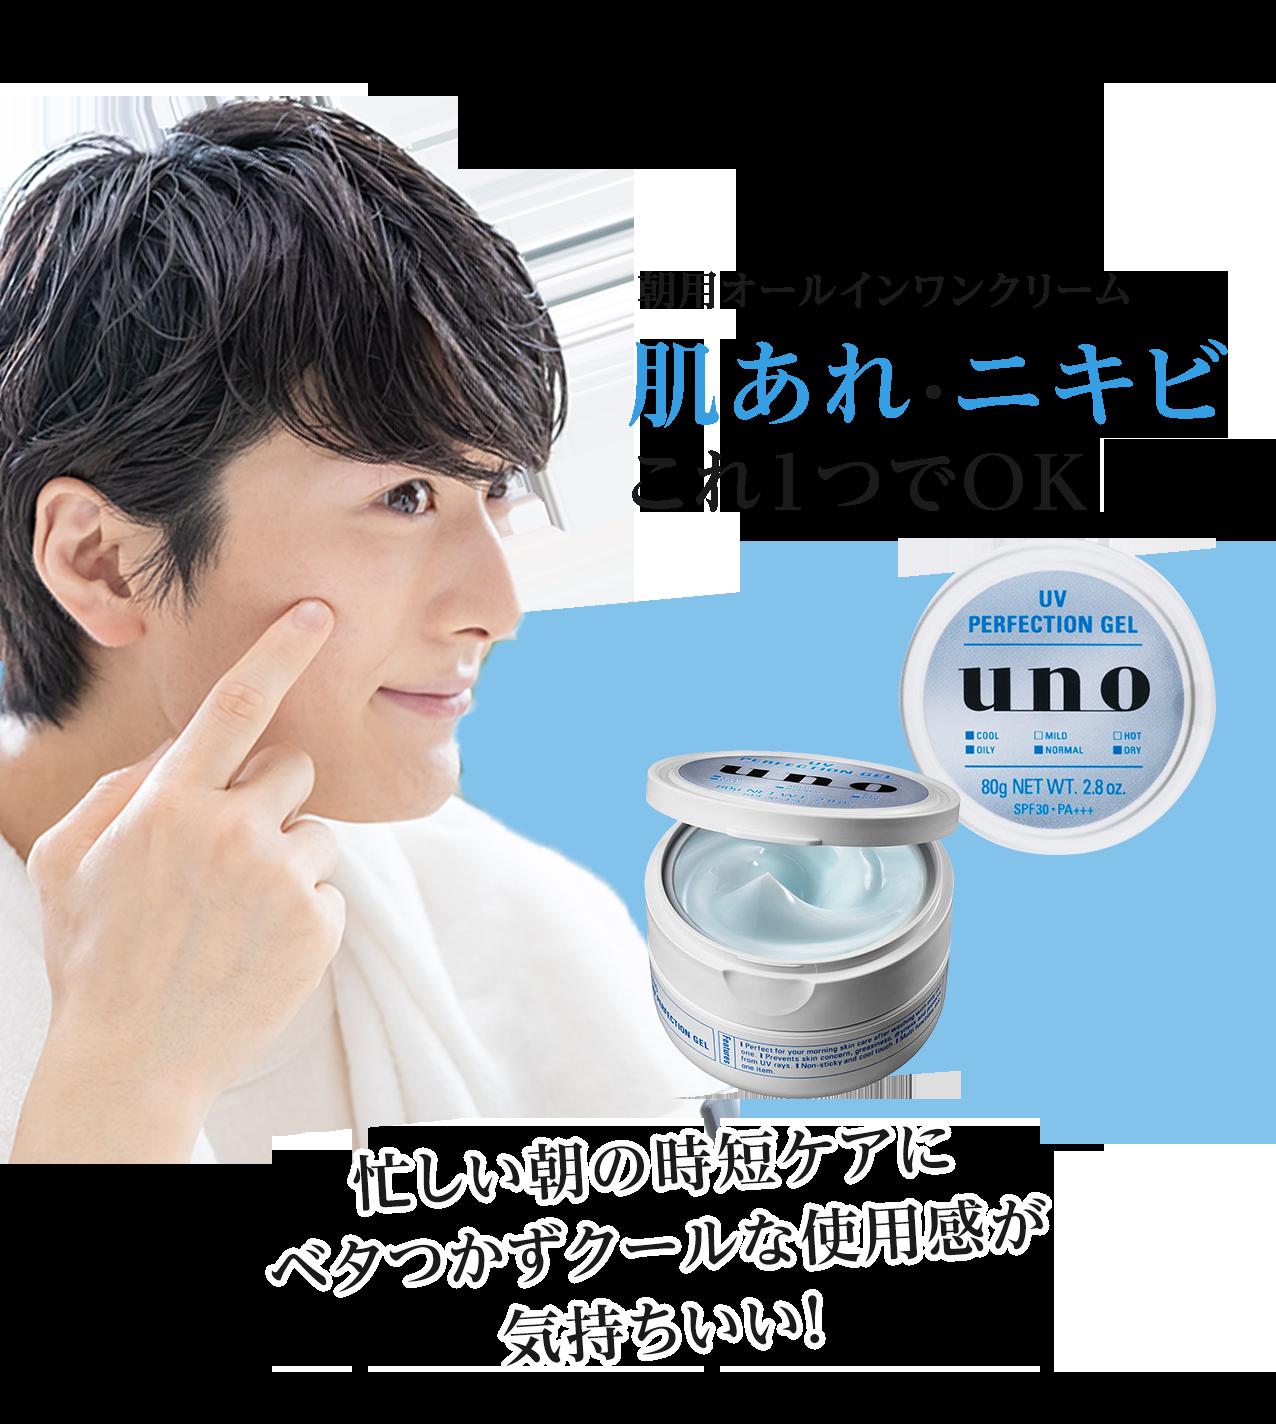 朝用オールインワンクリーム 肌あれ・ニキビこれ1つでOK 約85%の男性が使用後、肌になじんでベタつかないと好感の声!